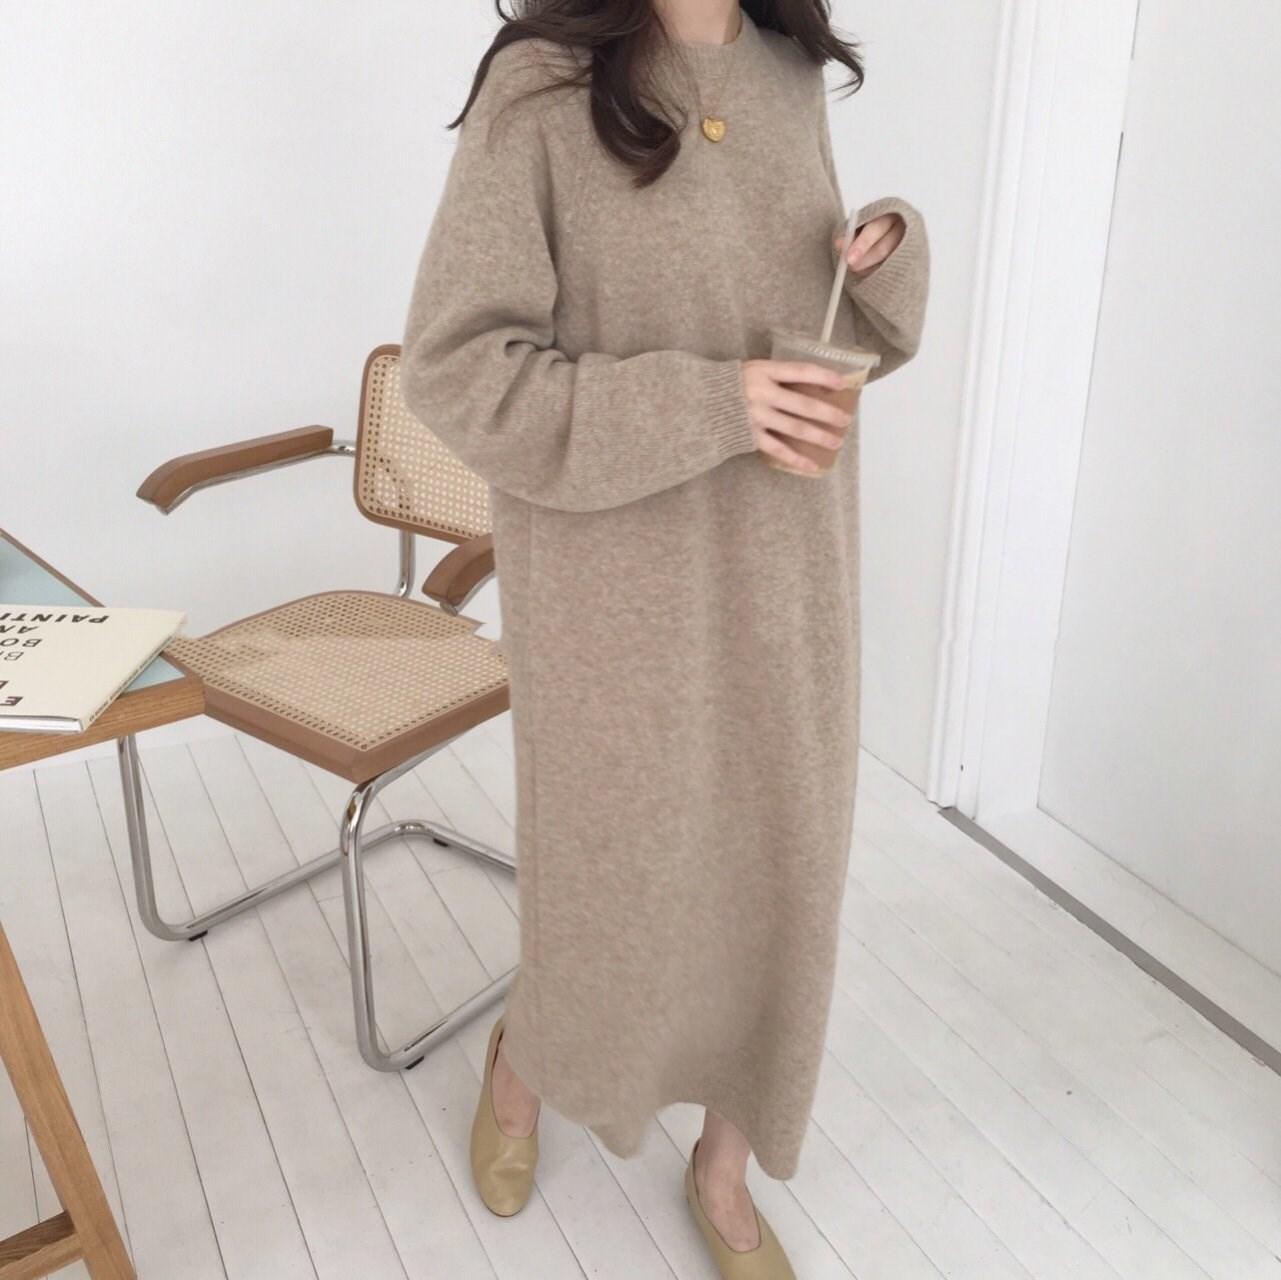 羊绒衫女长裙新款毛衣慵懒打底宽松过膝针织圆领秋冬连衣裙长款